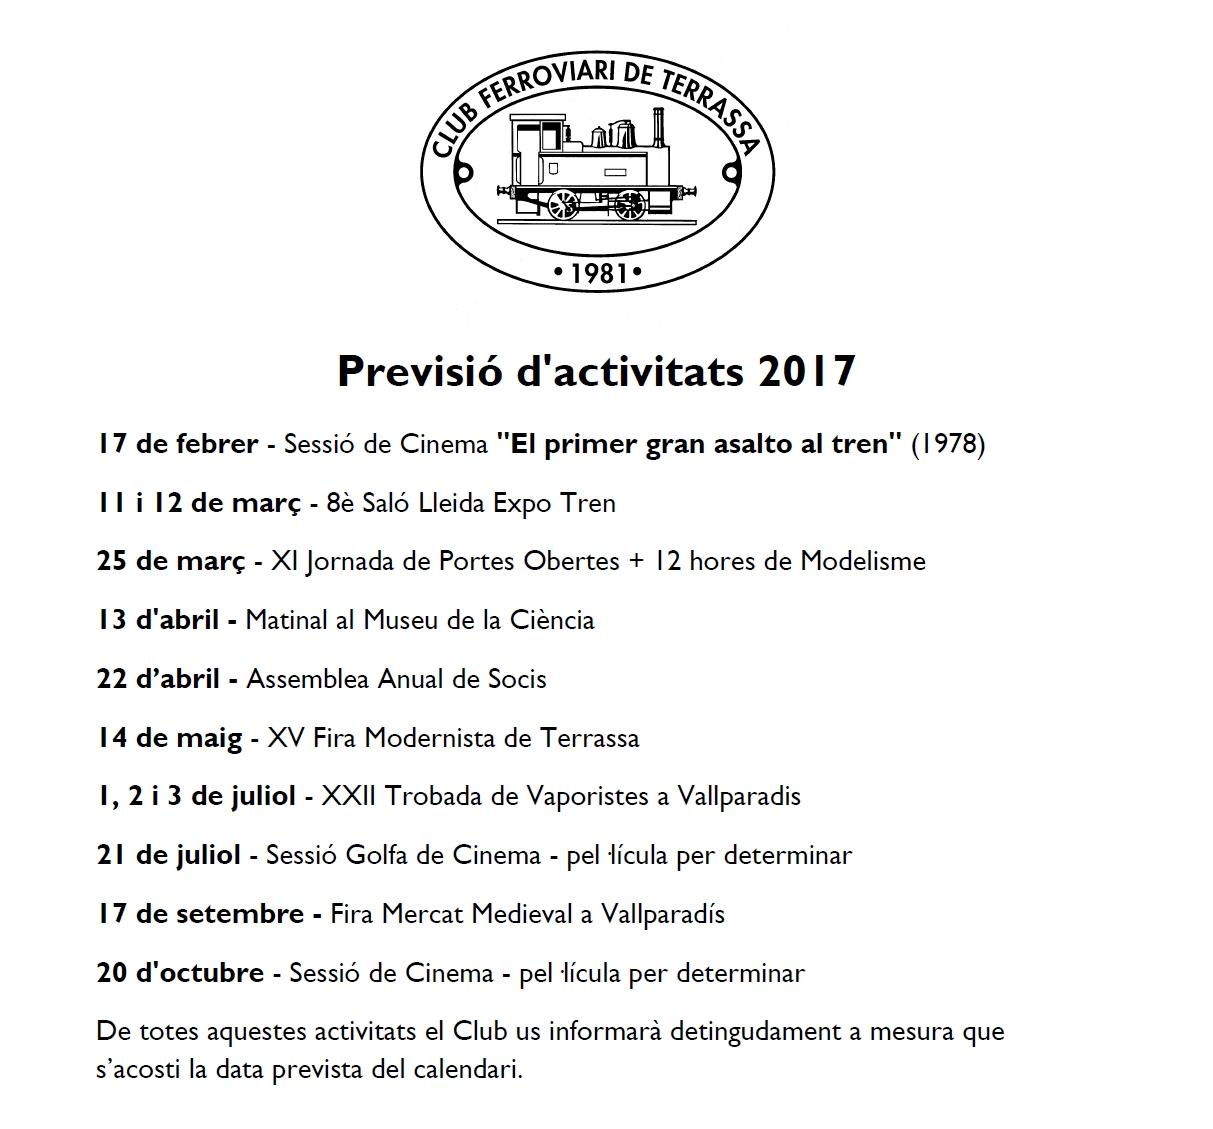 Actualització de la Previsió d'Activitats del Club Ferroviari de Terrassa. 11-FEB-2017